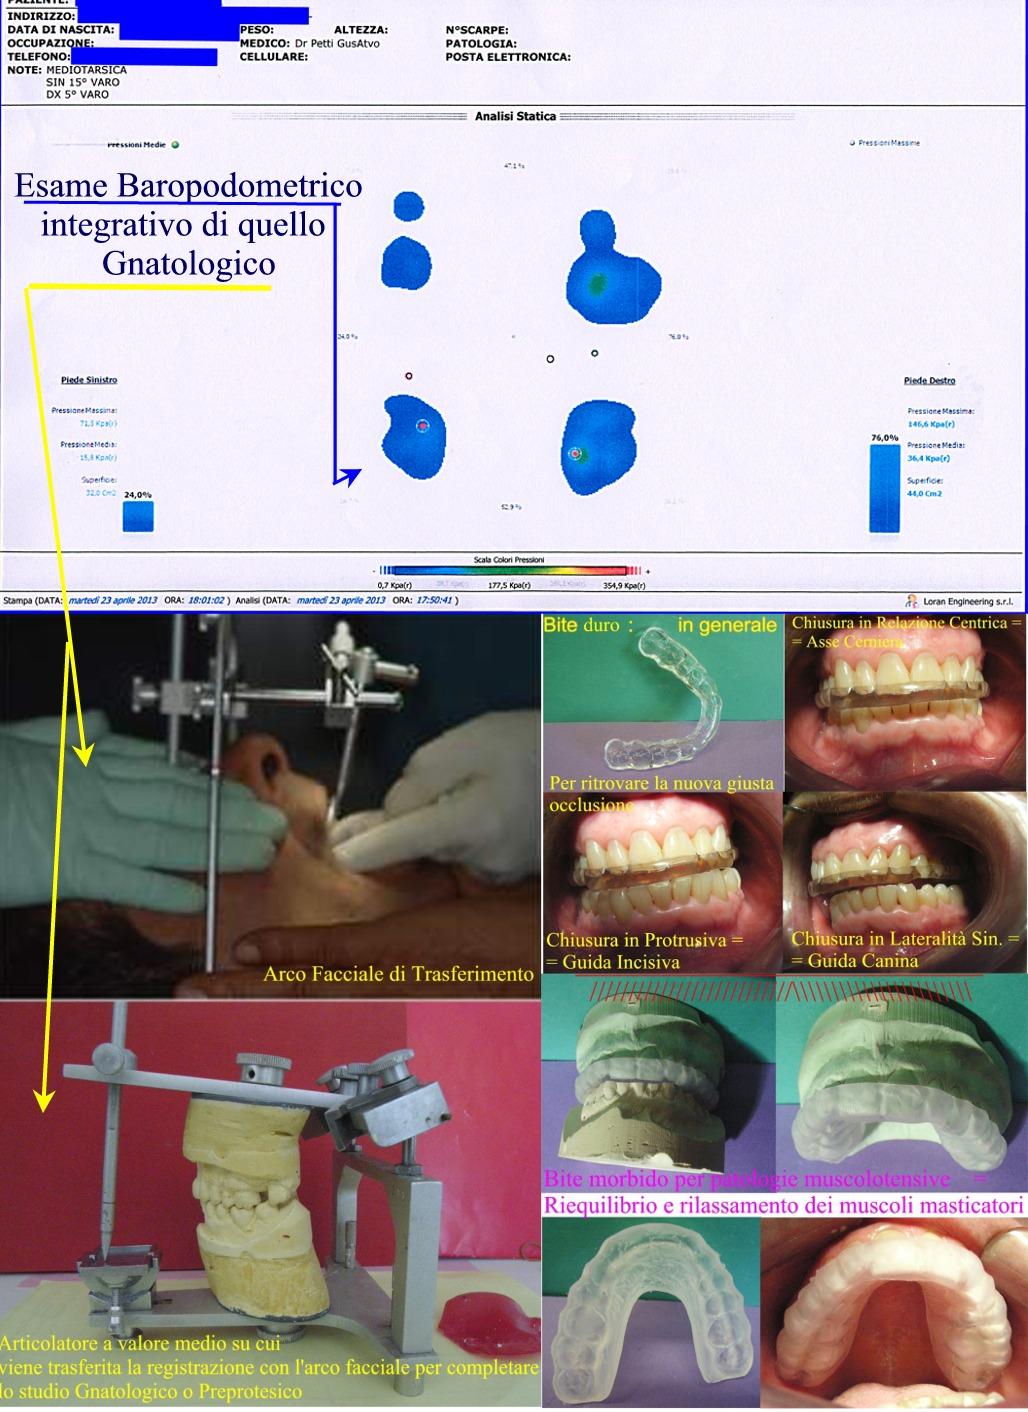 Bite Arco Faccile Esame stabilometrico computerizzato in Gnatologia. Da casistica Dr. Gustavo Petti Gnatologo Parodontologo di Cagliari